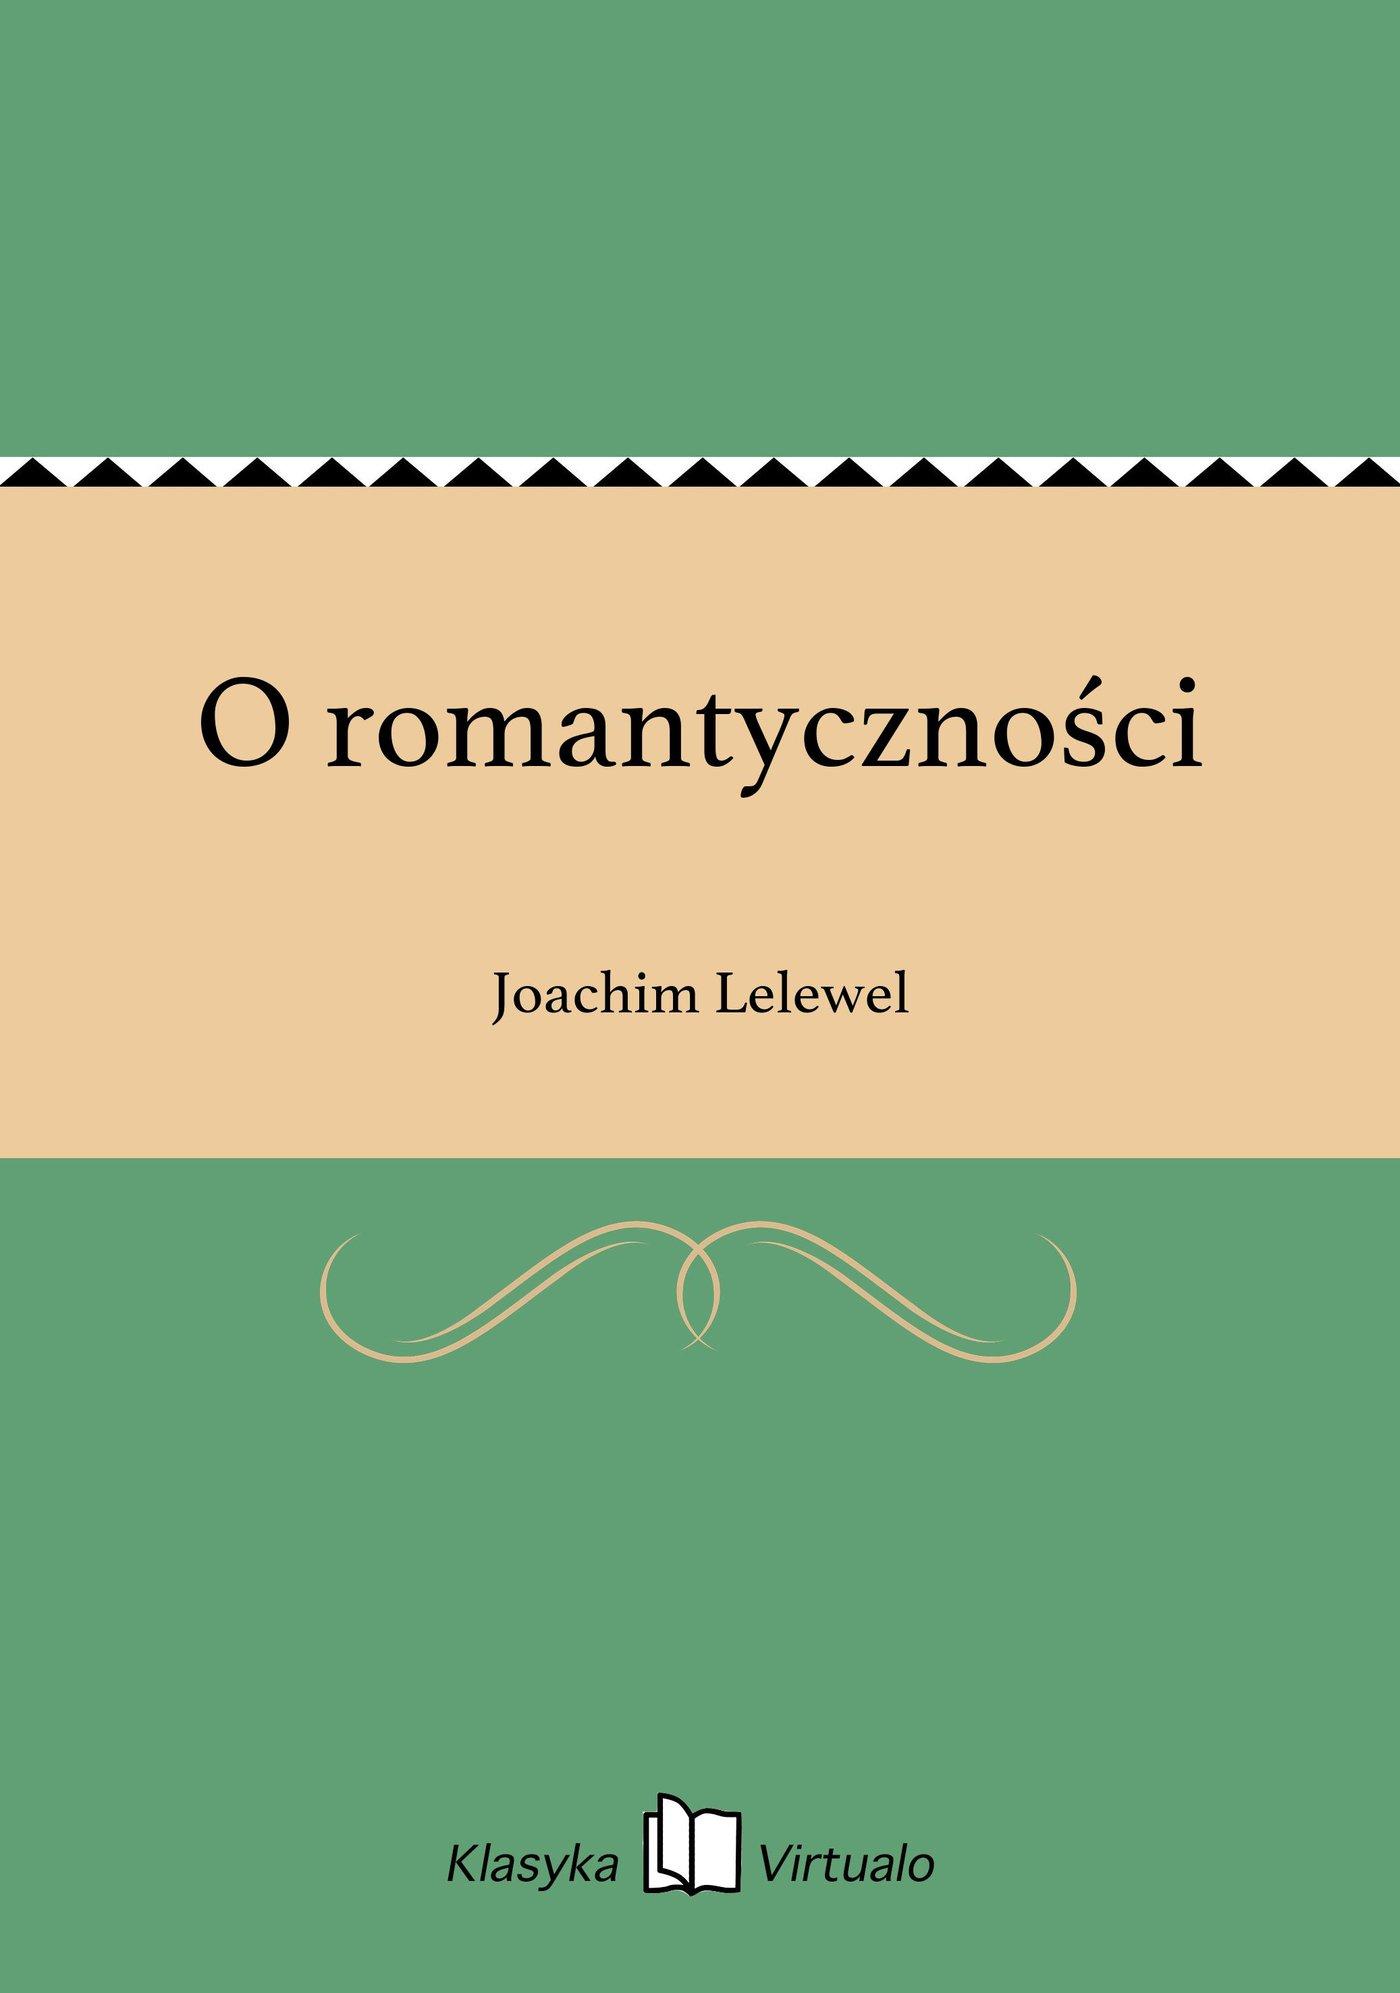 O romantyczności - Ebook (Książka na Kindle) do pobrania w formacie MOBI